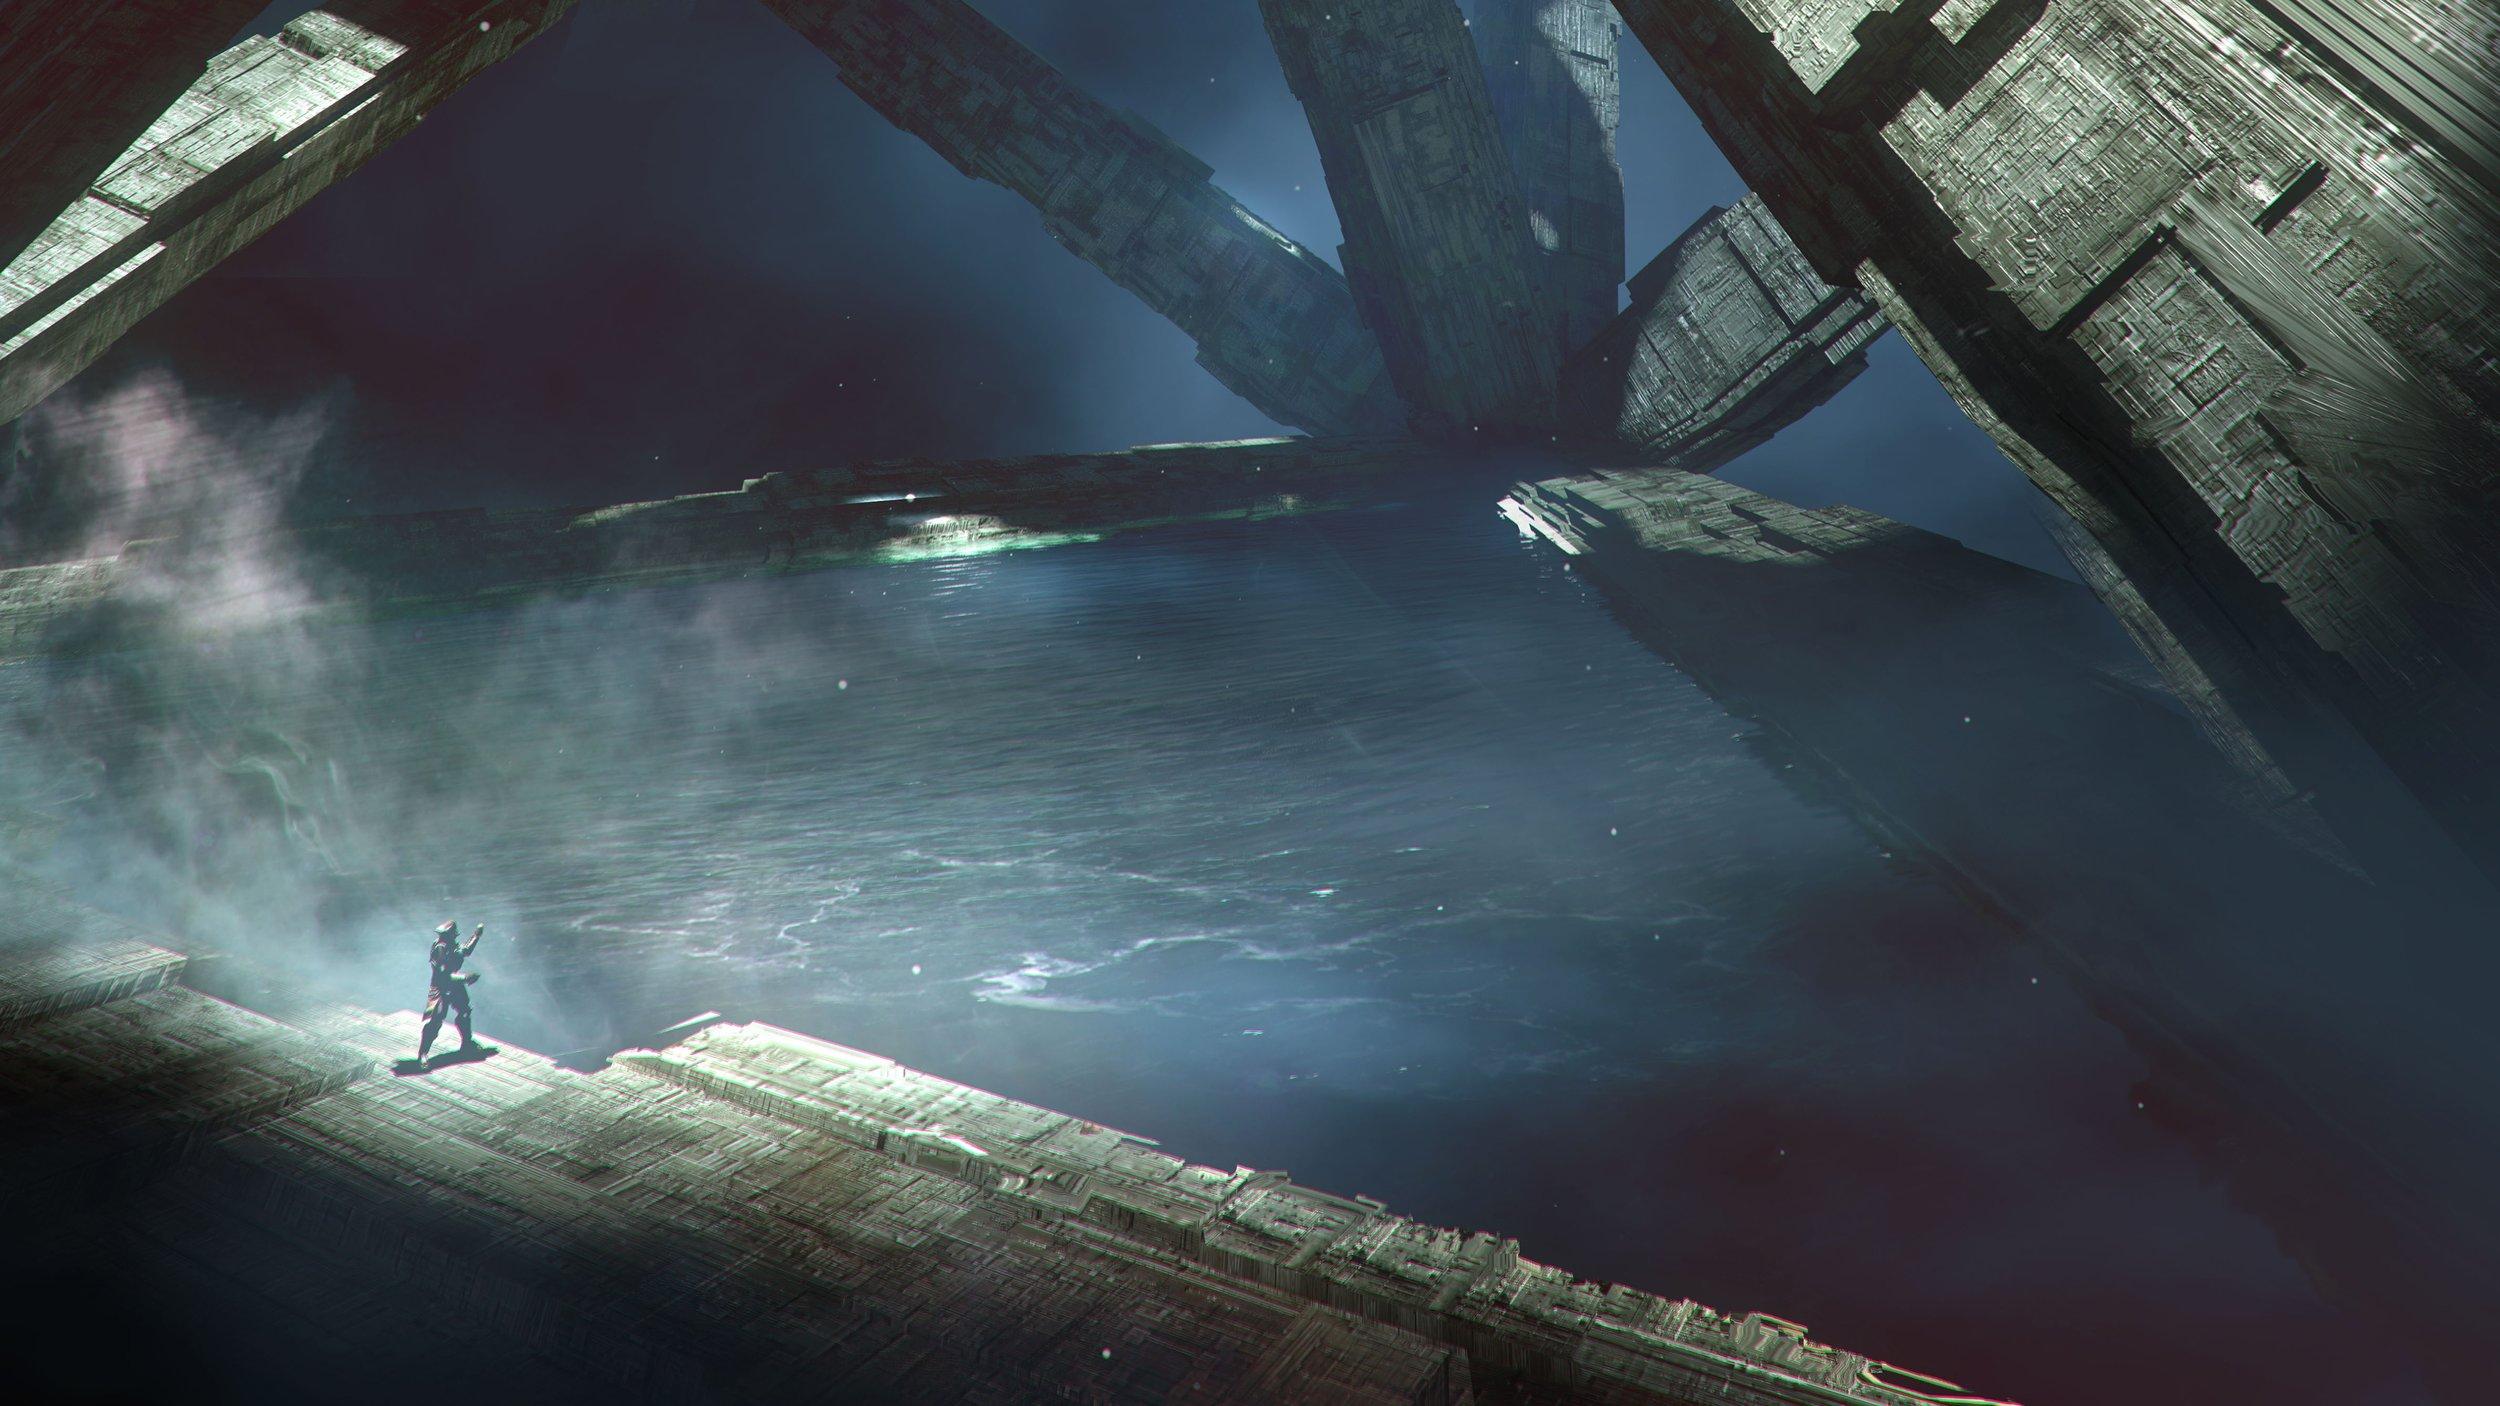 4k-destiny-2-video-game-sci-fi-art-192.jpg